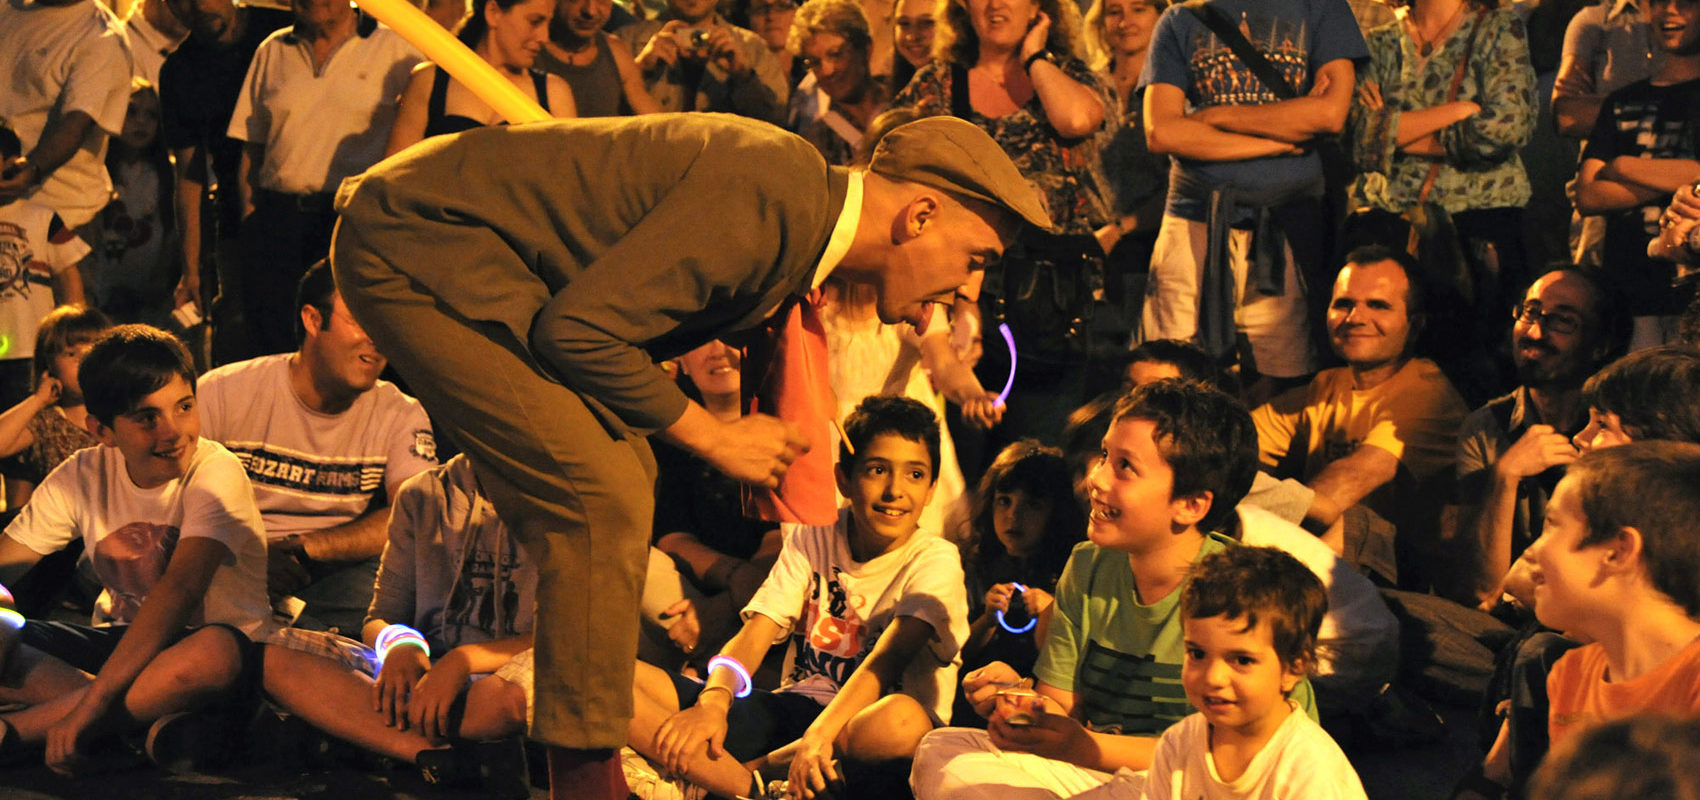 dario el becchin clown marionette spettacolo spring shopping festival le nuove vie gorizia